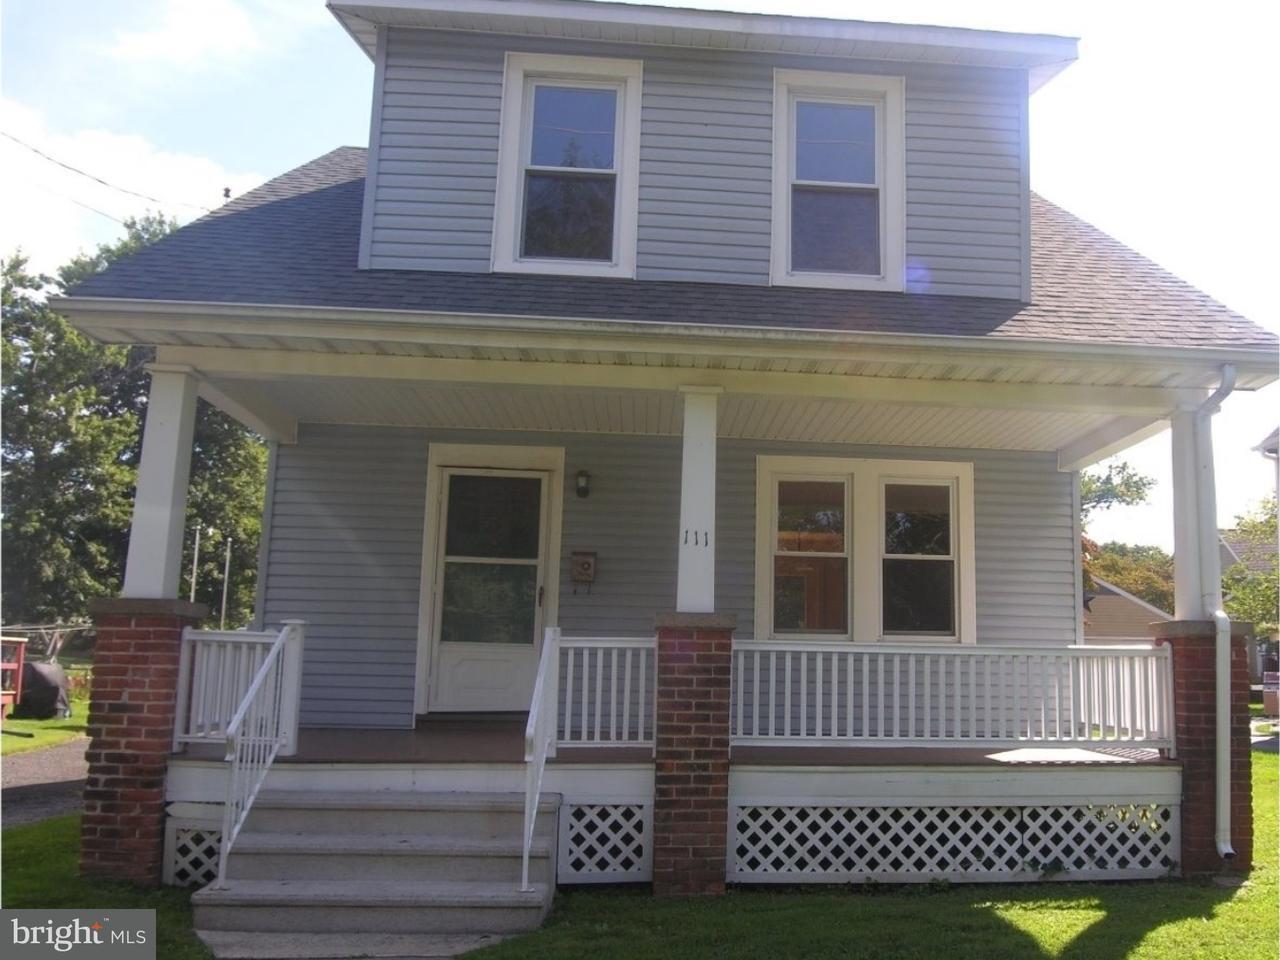 独户住宅 为 出租 在 111 S NORWOOD Avenue 纽镇, 宾夕法尼亚州 18940 美国